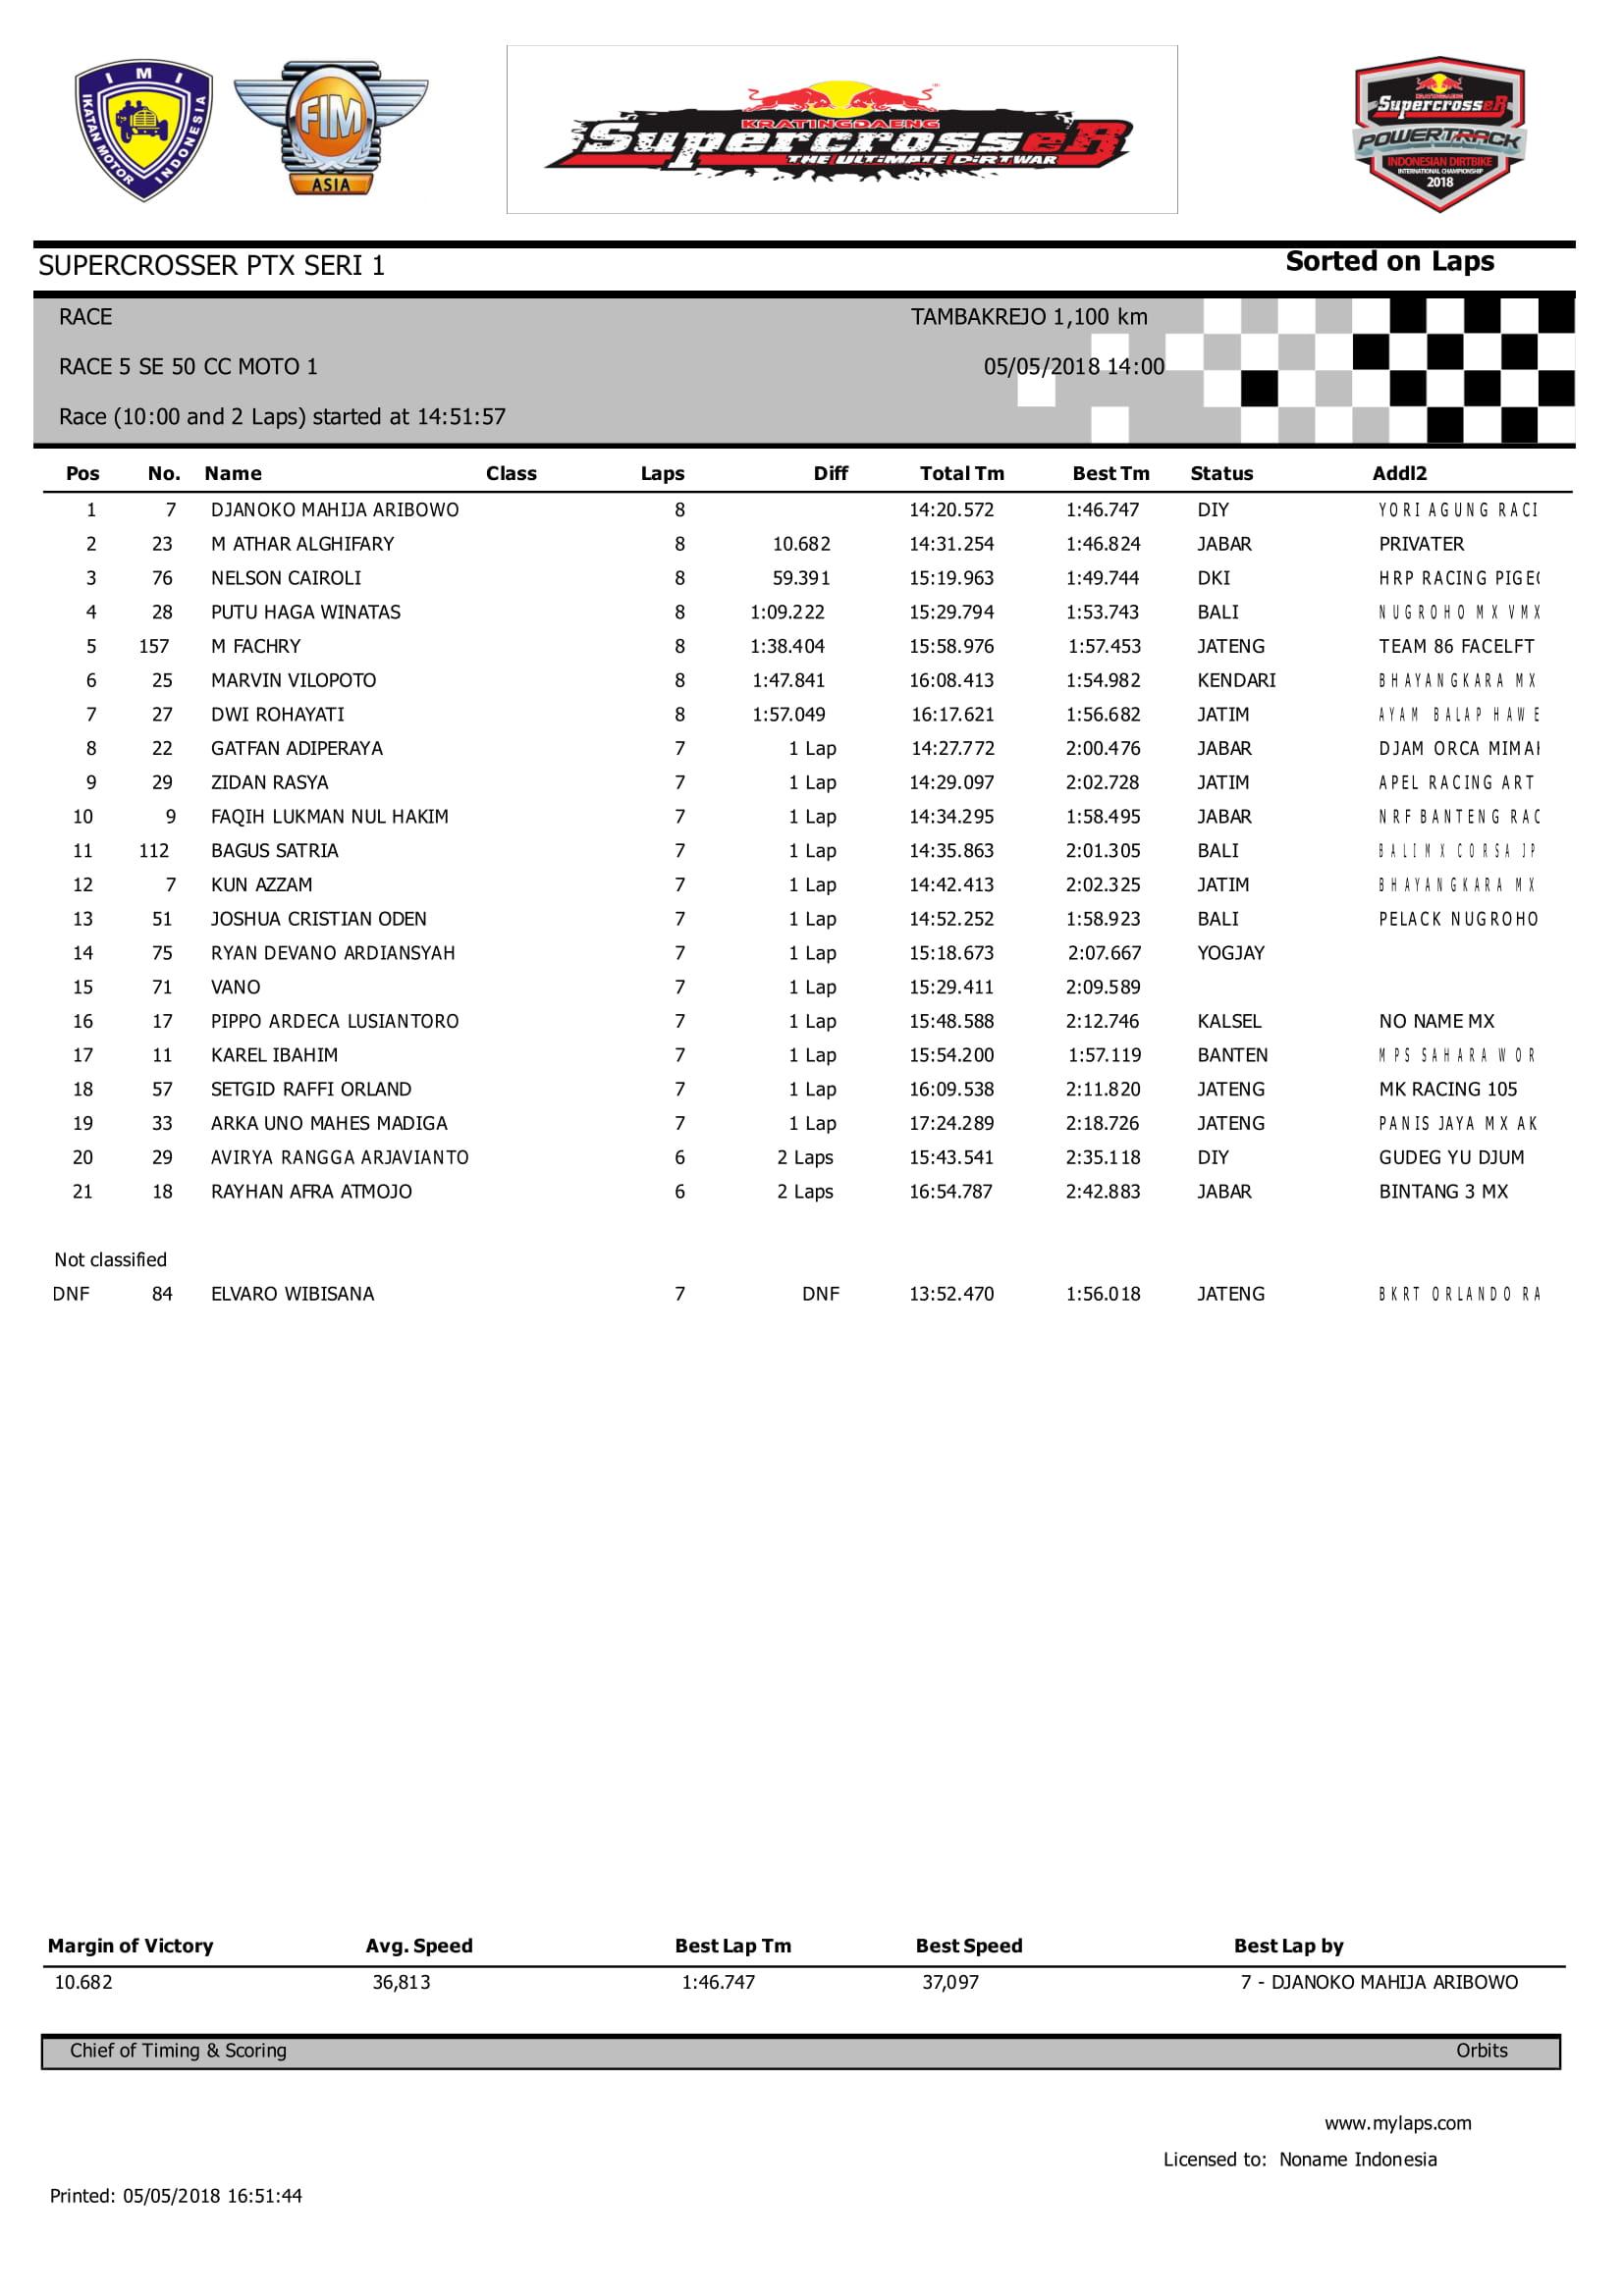 MOTO 1 SE 50-1